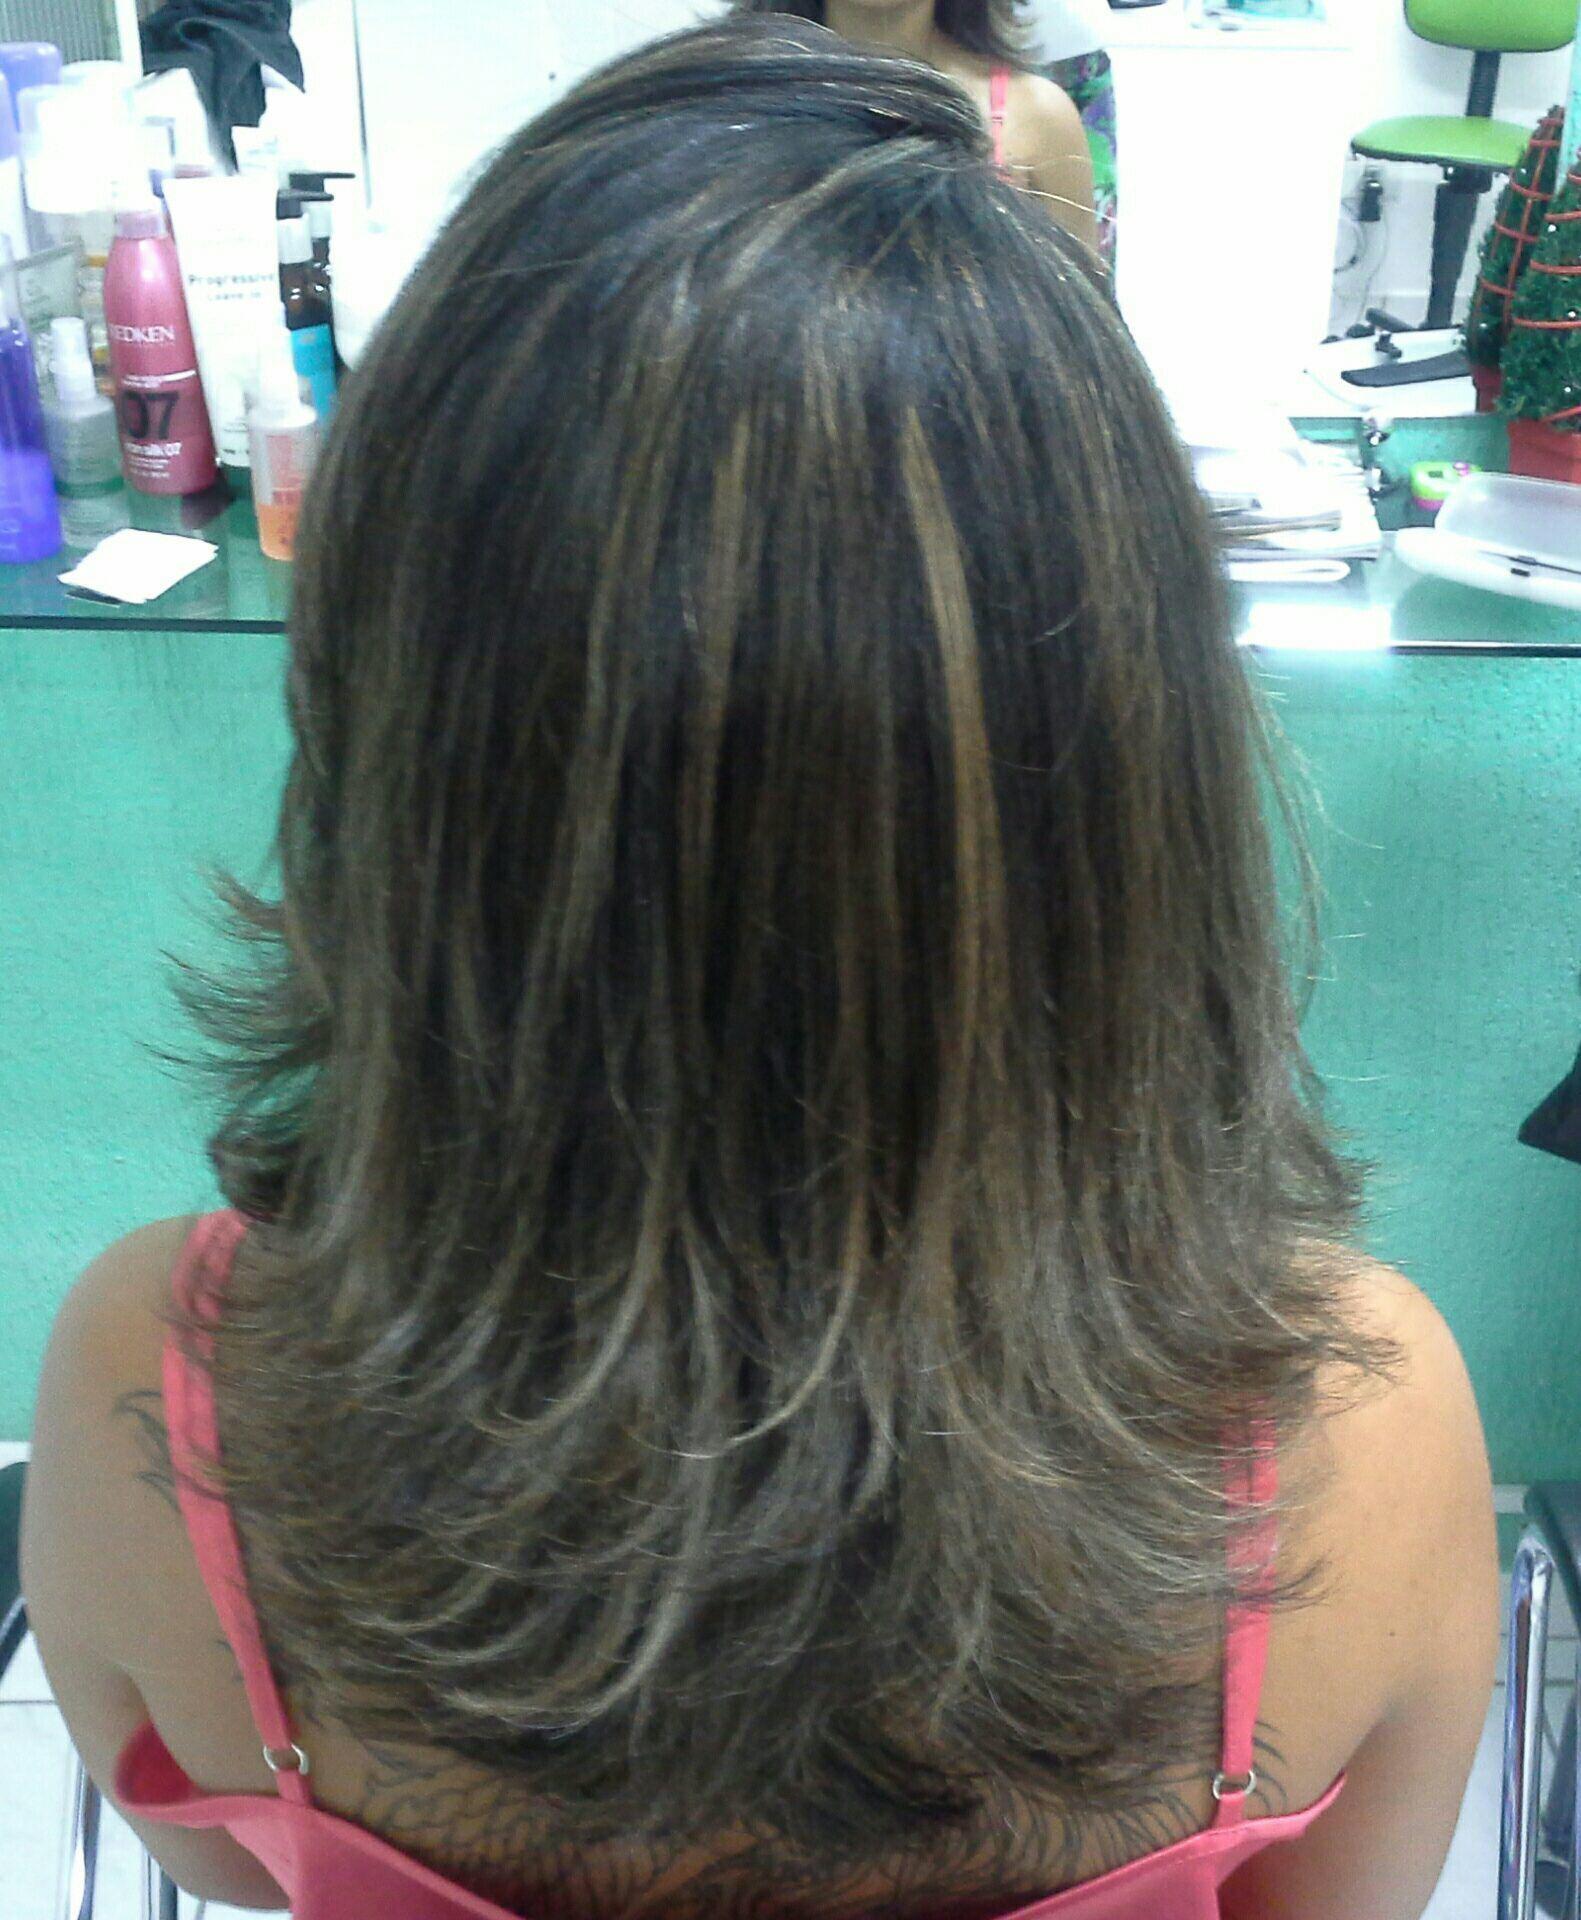 Relaxamento  corte e ombre hair cor mel cabelo stylist / visagista cabeleireiro(a)